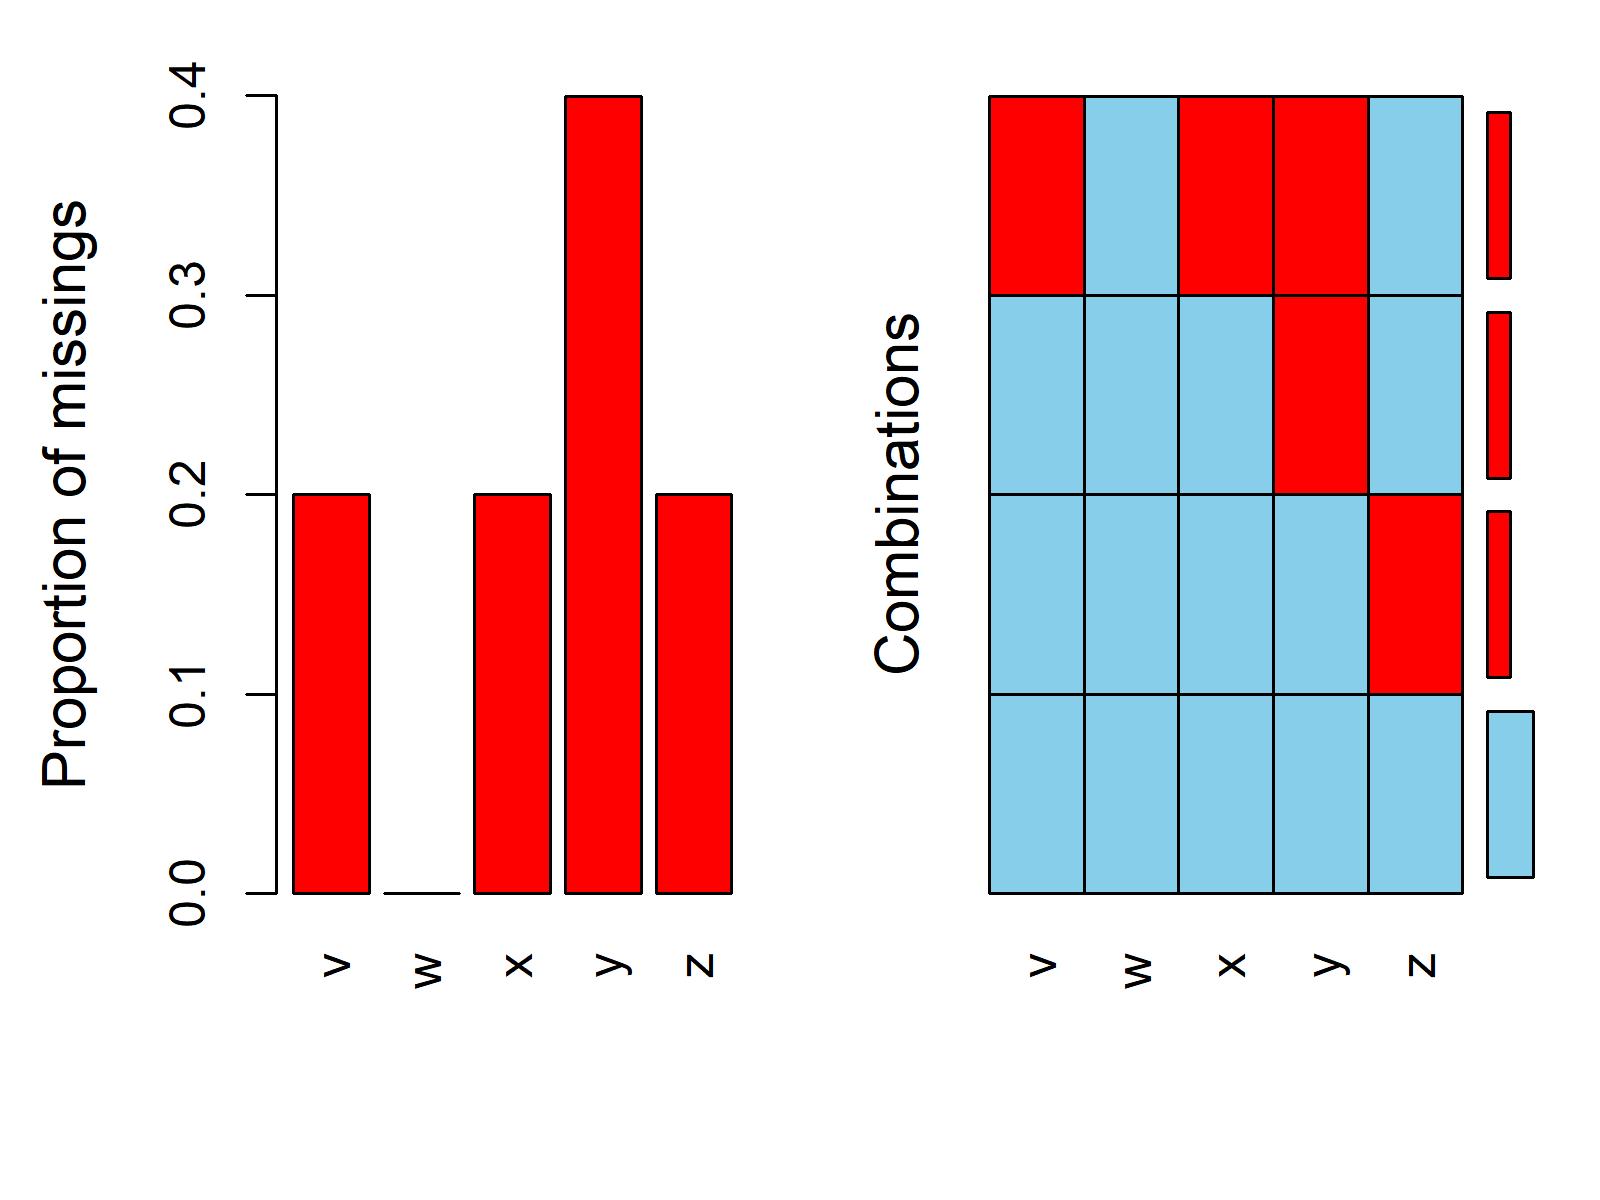 r graph figure 1